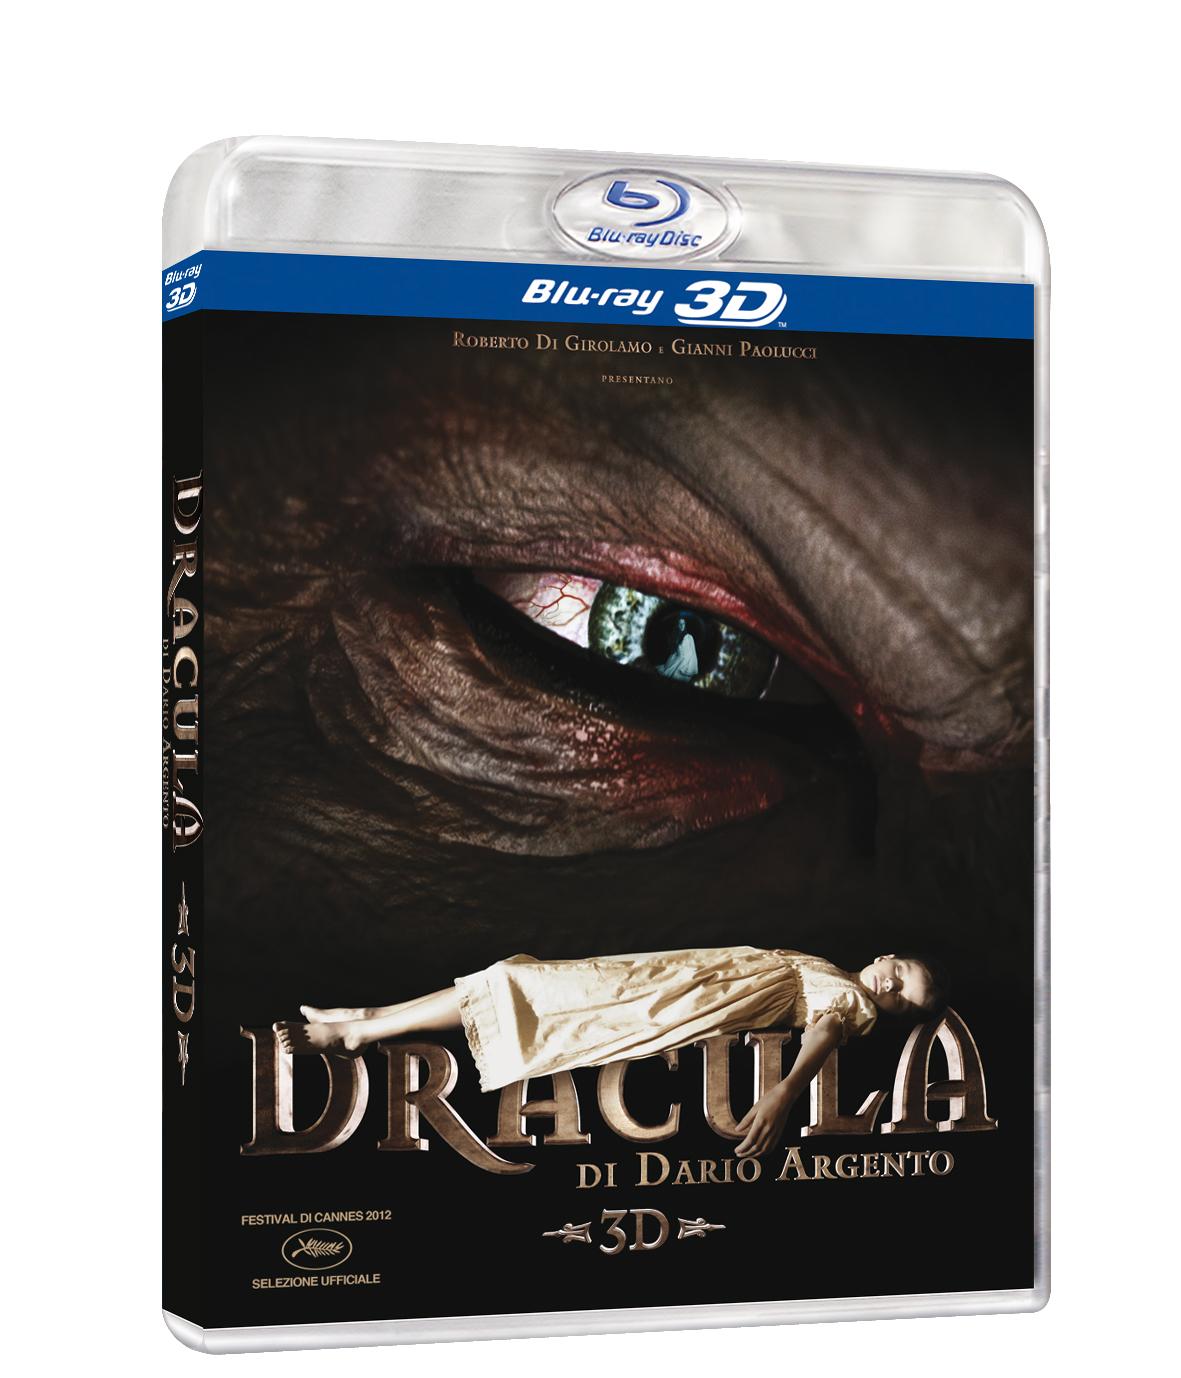 Dracula Dario Argento Blu-Ray 3D